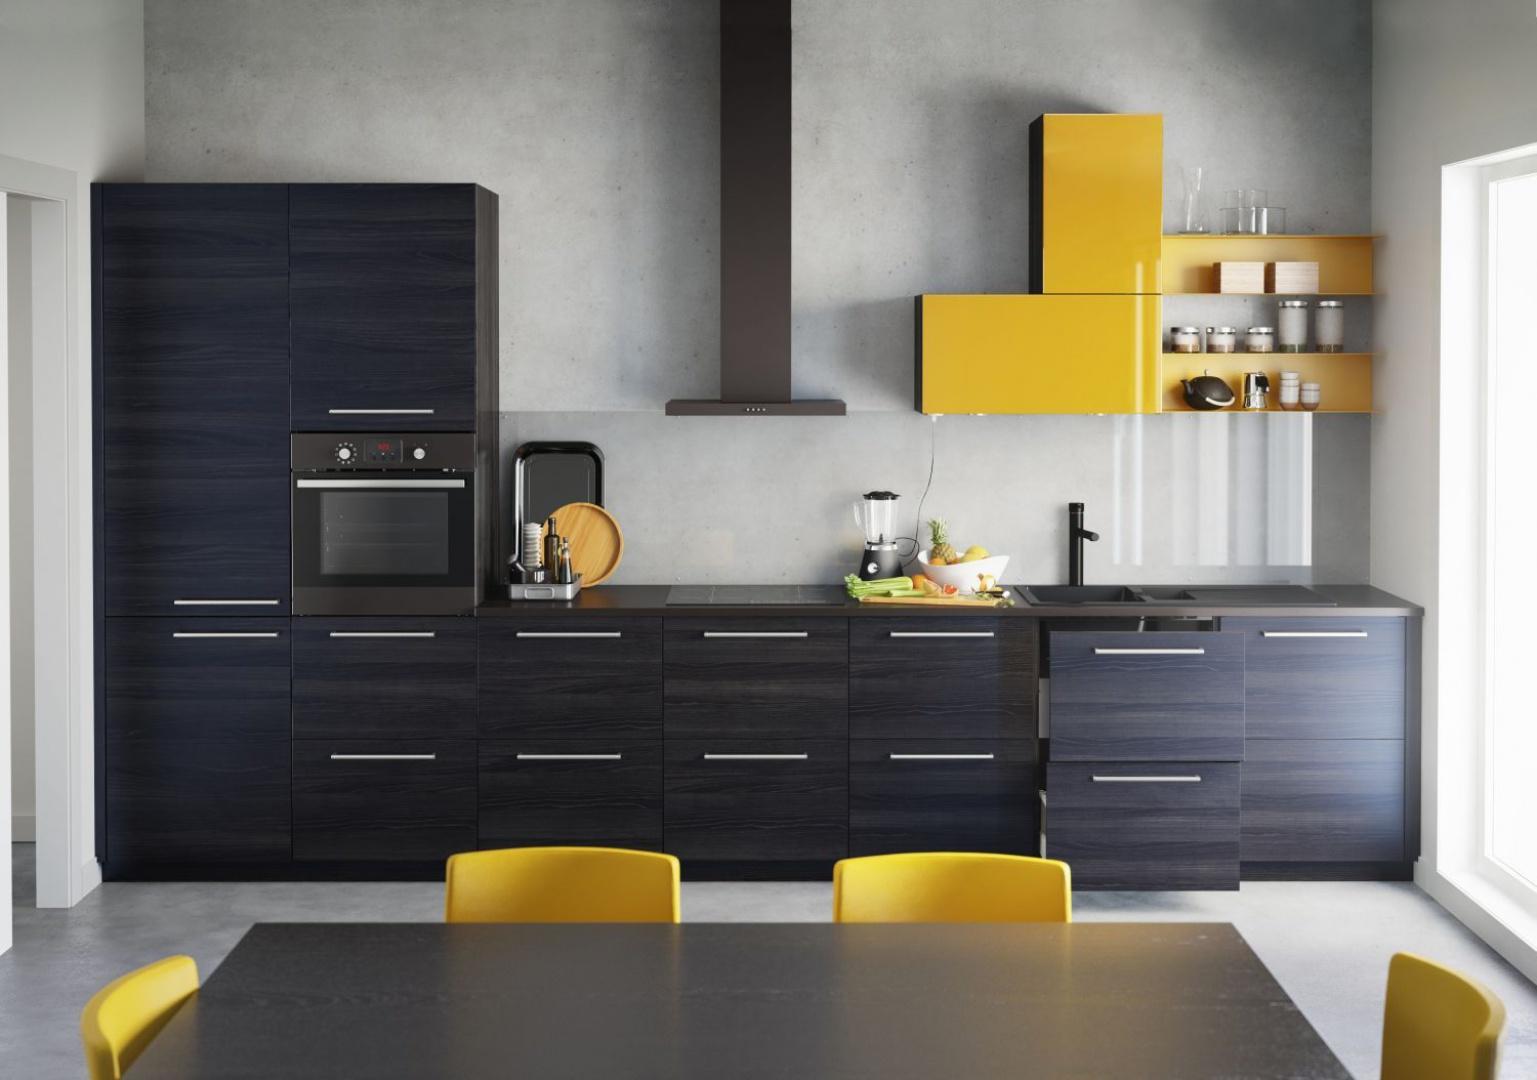 Propozycja od firmy IKEA: drewniany dekor w bardzo ciemnym wybarwieniu i poziomym rysunku drewna zestawiono z żywym, żółtym kolorem. Fot. IKEA